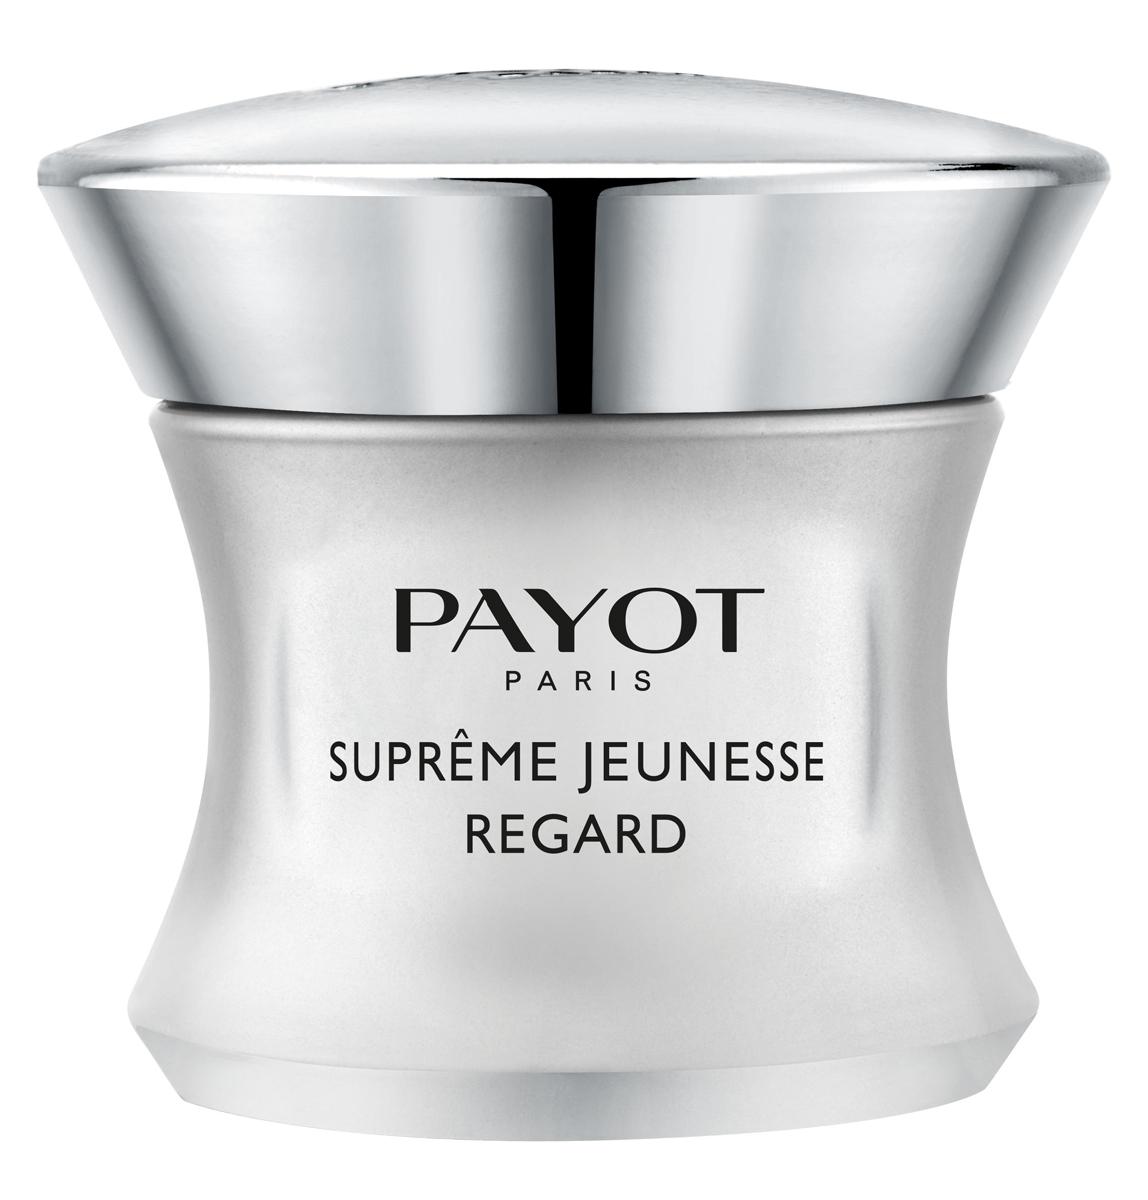 Payot Supreme Jeunesse Крем для глаз с непревзойденным омолаживающим эффектом,, 15 мл65100706Крем для глаз с непревзойденным омолаживающим эффектом обеспечивает исчерпывающий уход за областью глаз. Утром разглаживает кожу и придает сияние взгляду. Ночью активно восстанавливает.Возраст: рекомендовано для 50+, в отдельных случаях 30+.